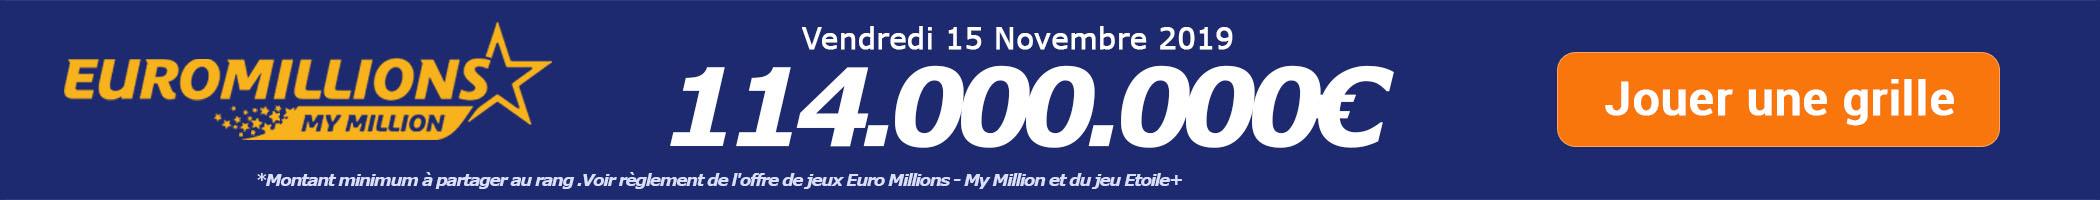 Jouer pour le Super tirage Euromillions de 104.000.000€ ce mardi 12 novembre !